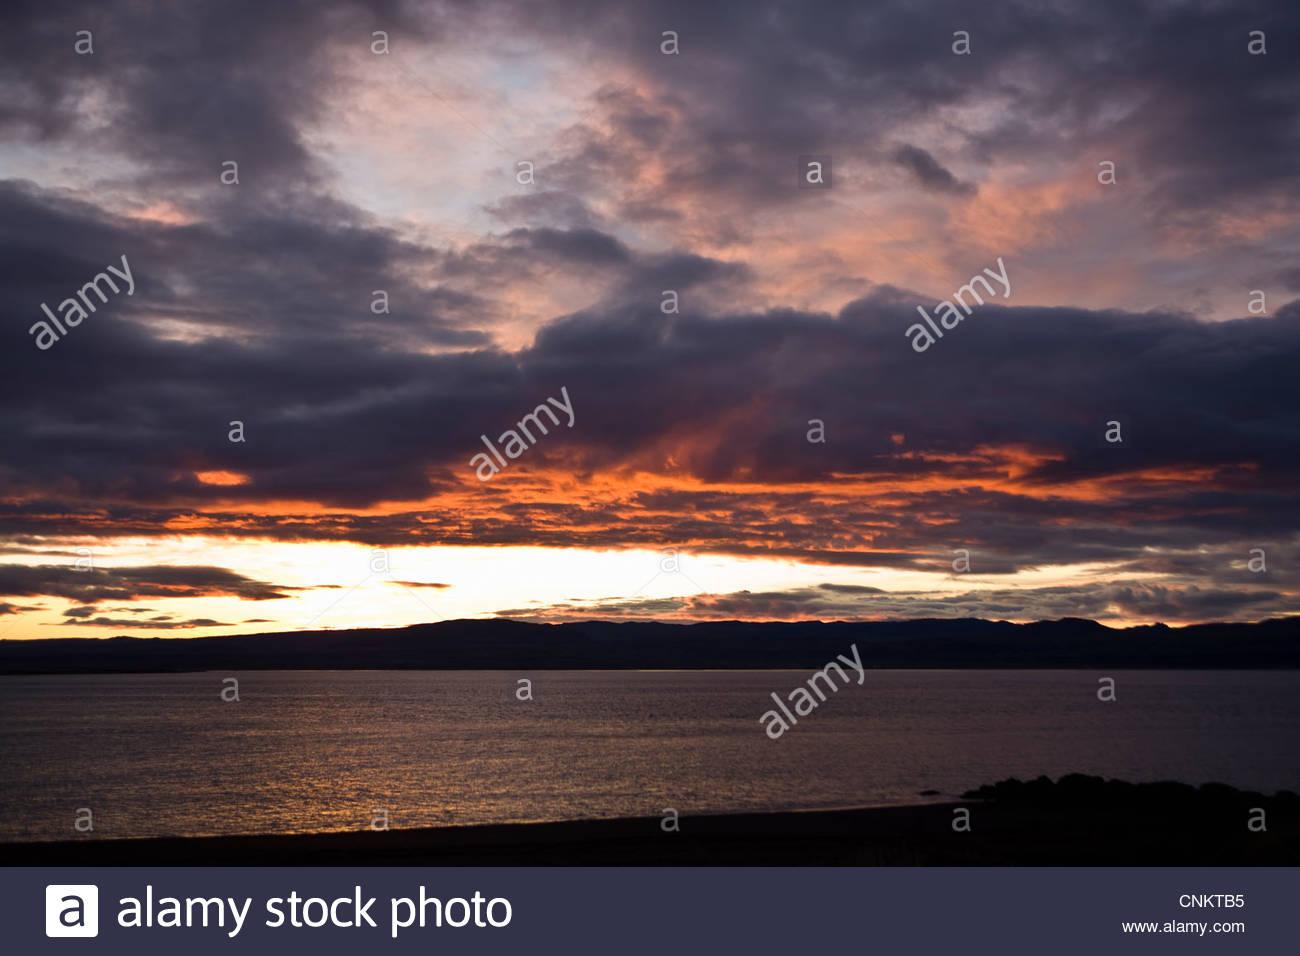 Les nuages au-dessus de paysage rural spectaculaire Photo Stock